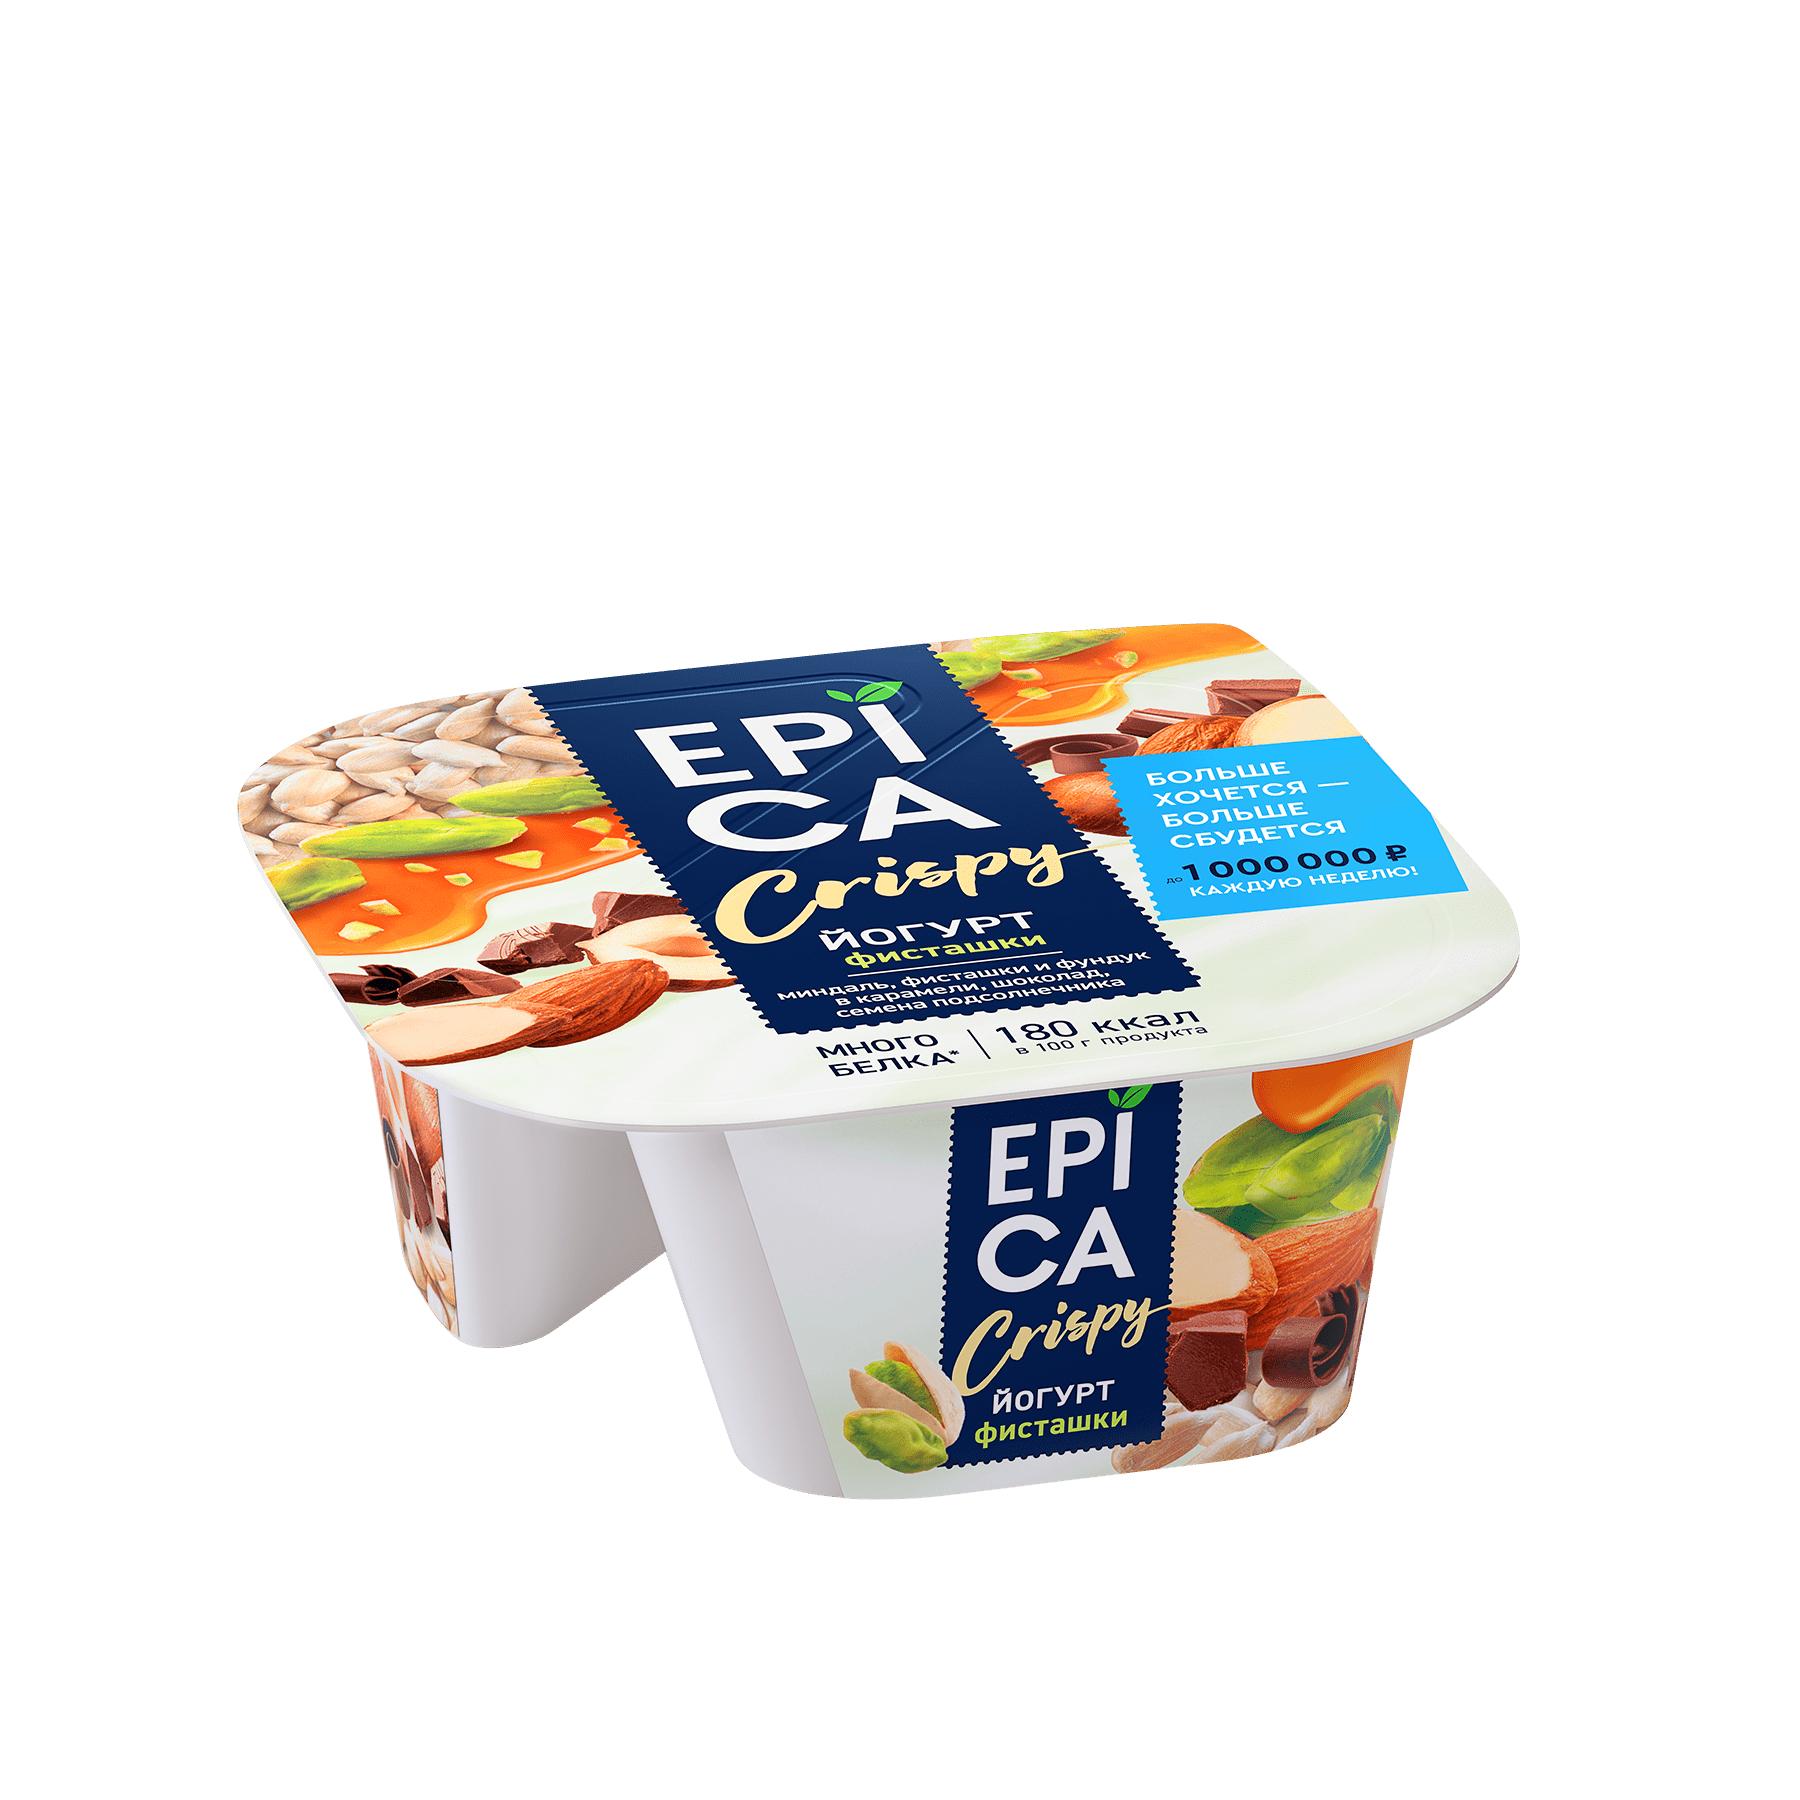 Йогурт Epica Crispy Фисташки и смесь из семян подсолнечника, орехов и темного шоколада 140 г недорого